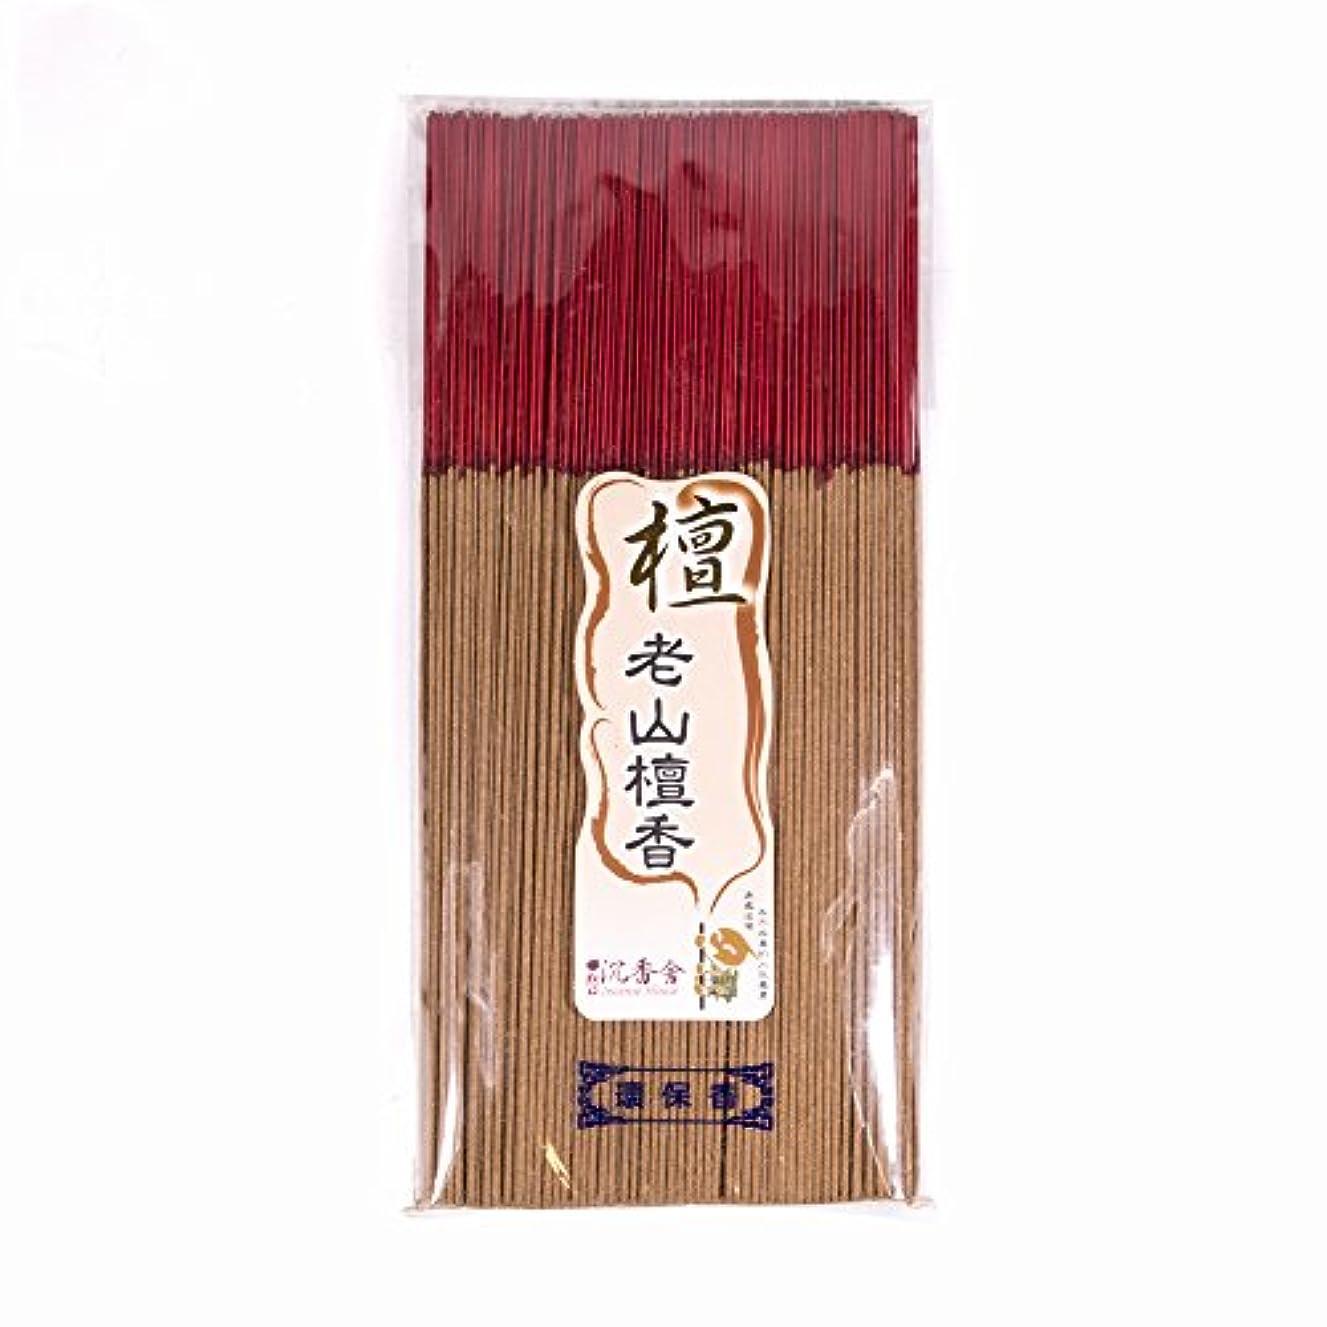 リレーどうしたのスラム街台湾沉香舍 老山檀香 台湾のお香家 - 檀香 30cm (木支香) 300g 約400本